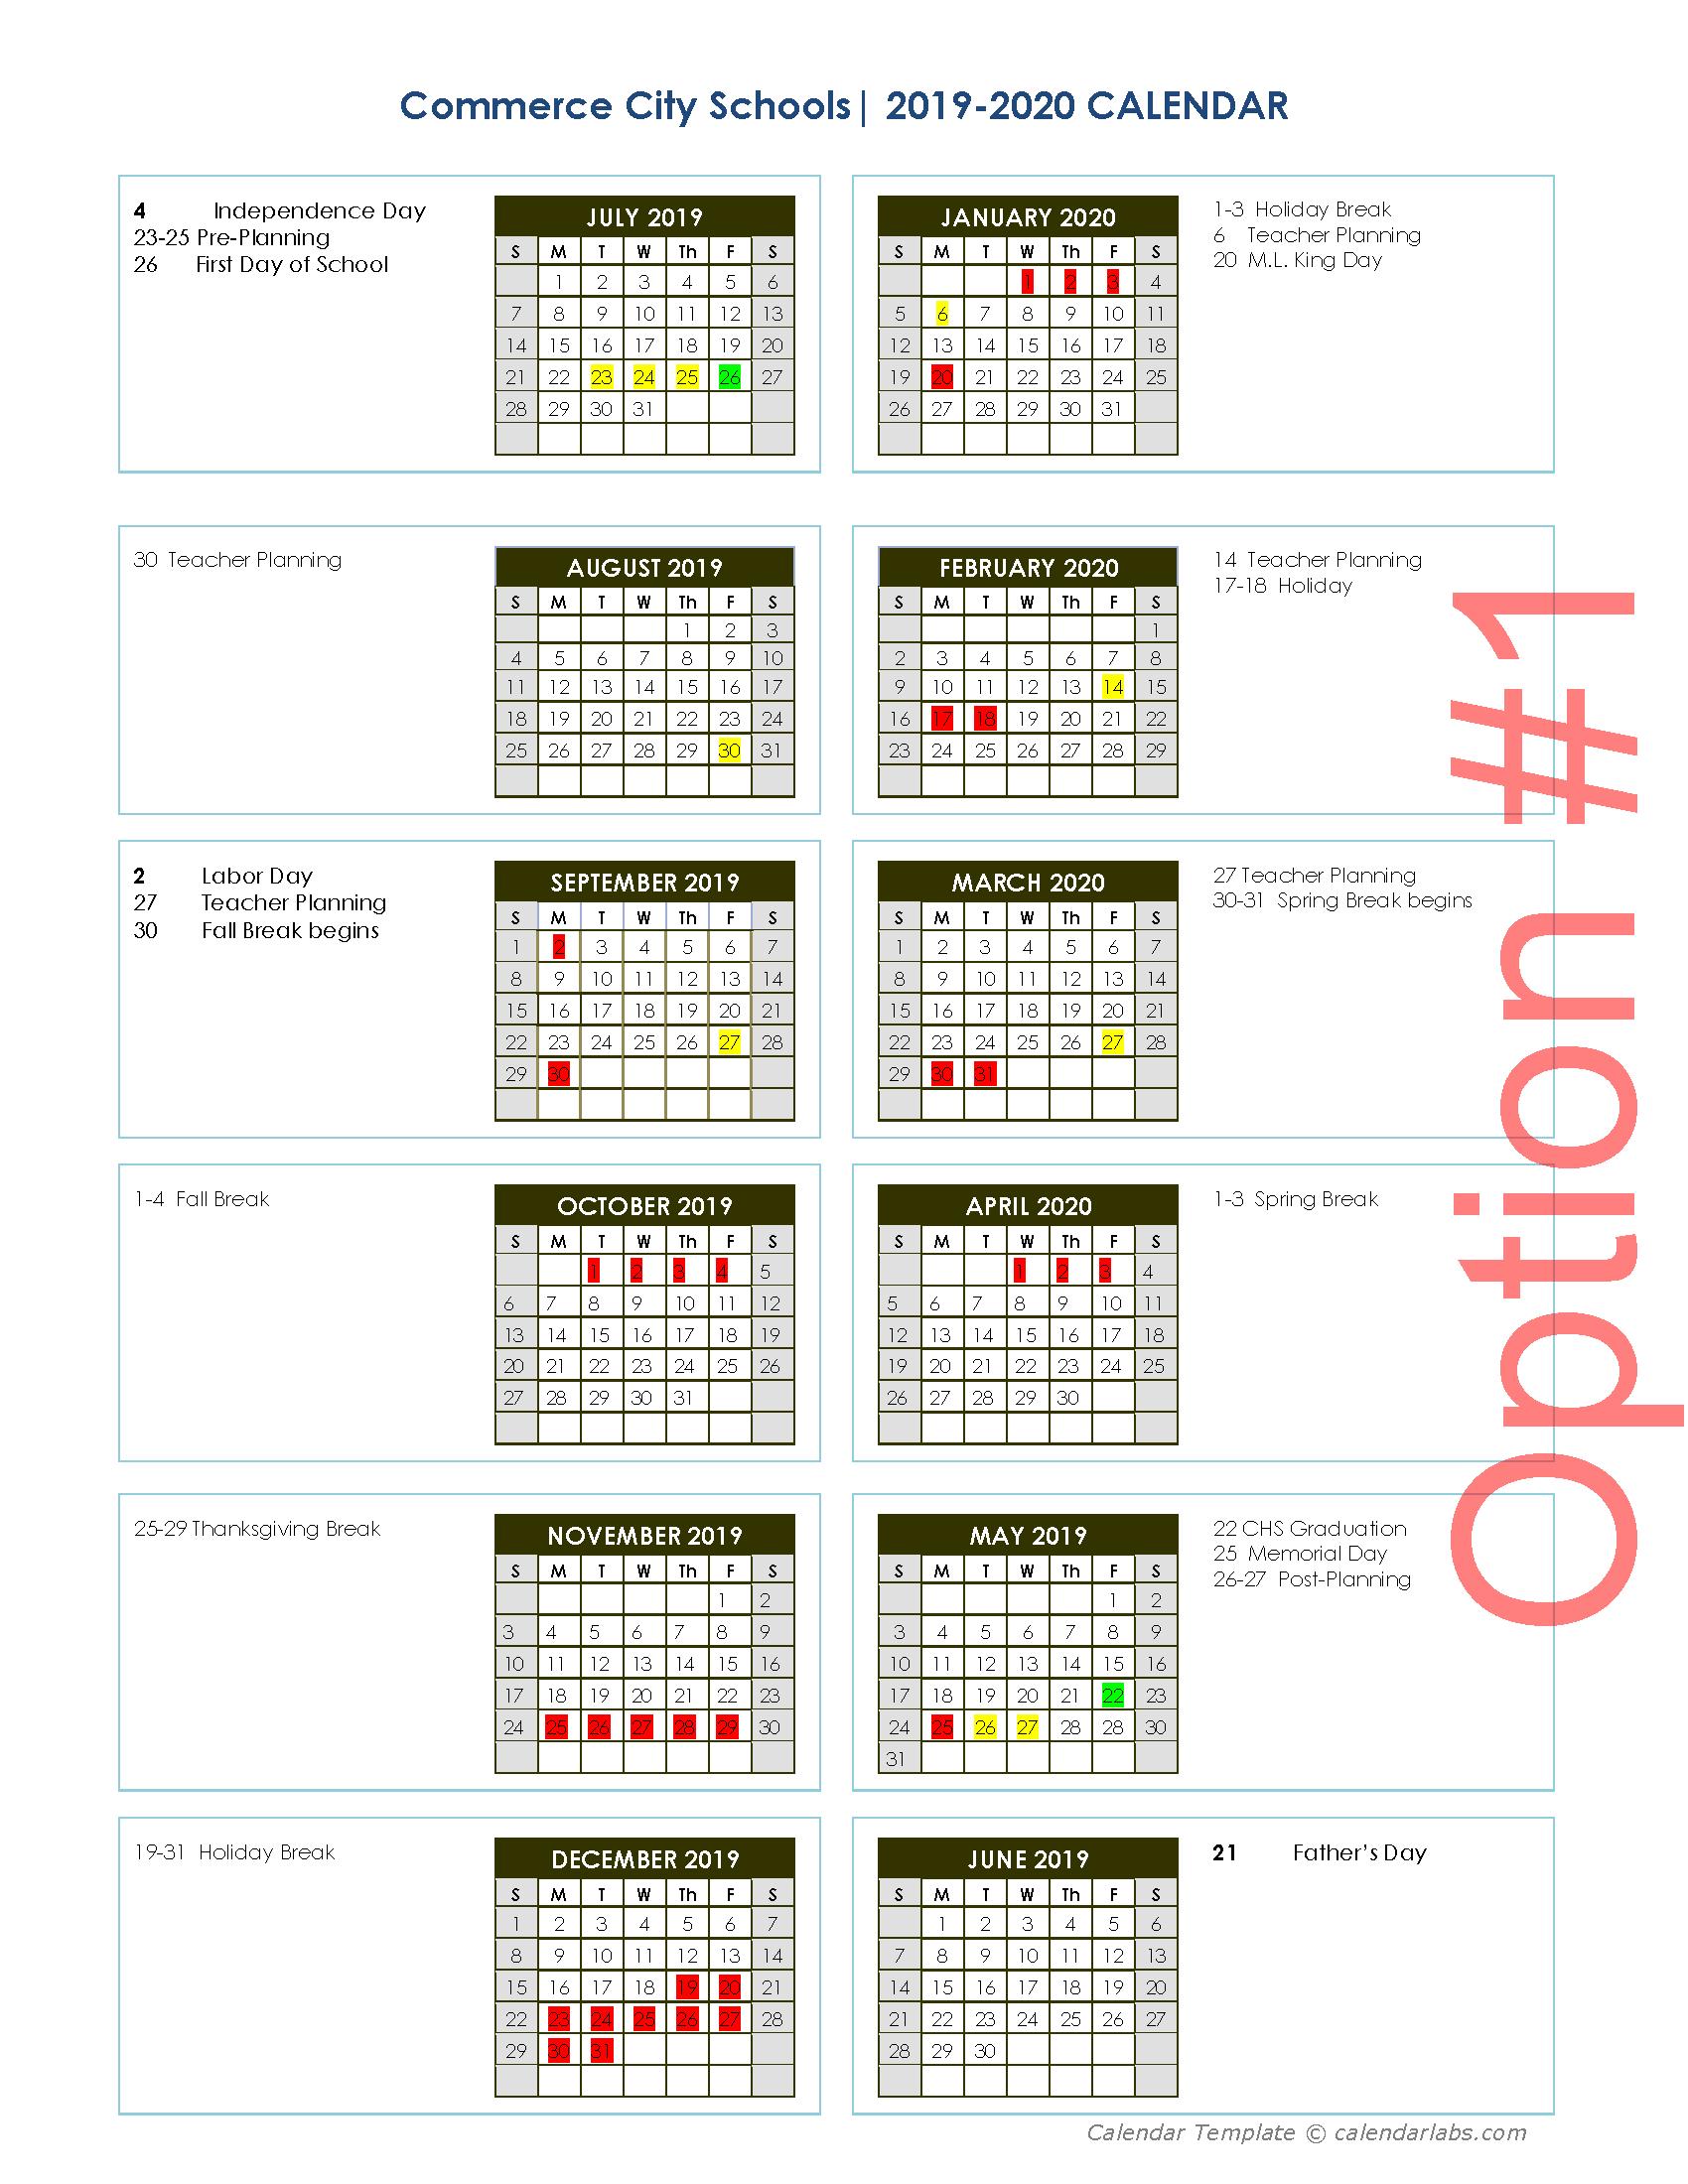 20192020 Calendar Survey  Commerce City Schools for Tl Hanna School Calendar